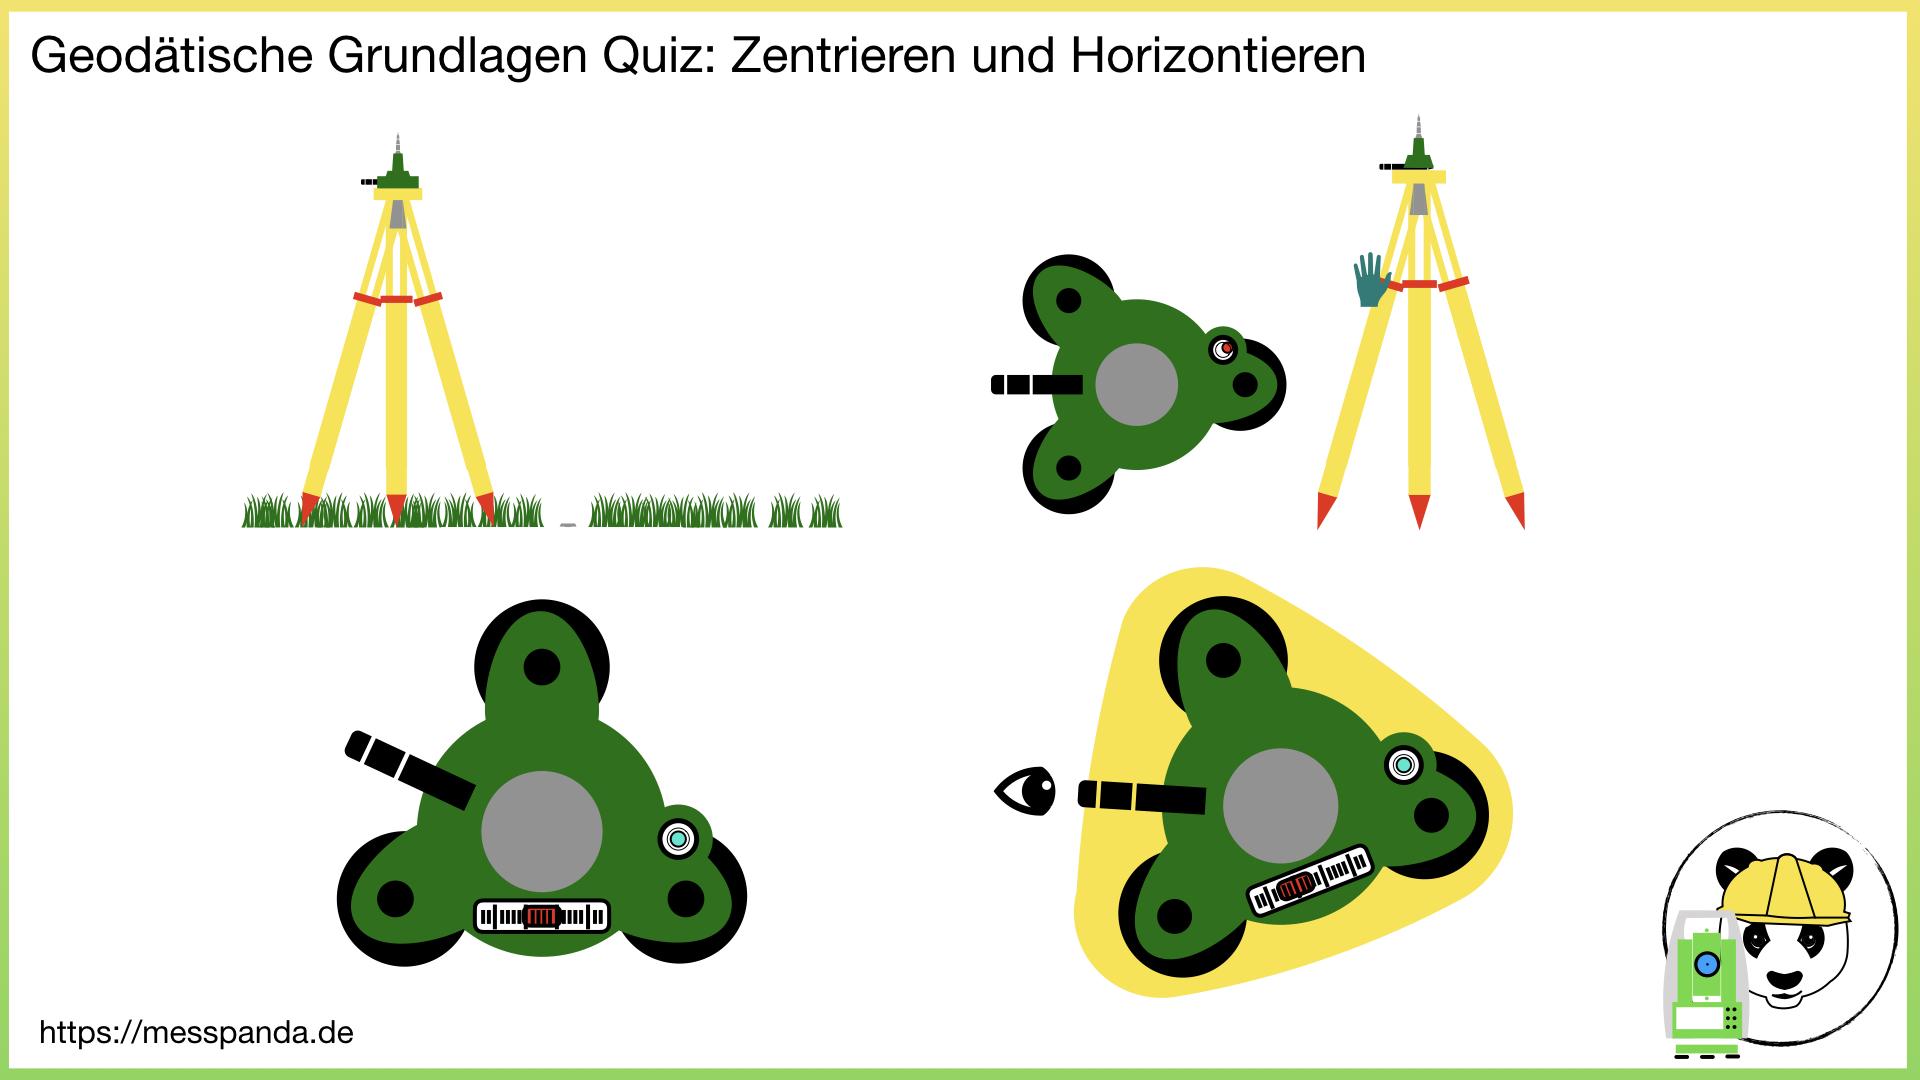 Image for Wie ist die Reihenfolge beim Zentrieren und Horizontieren?